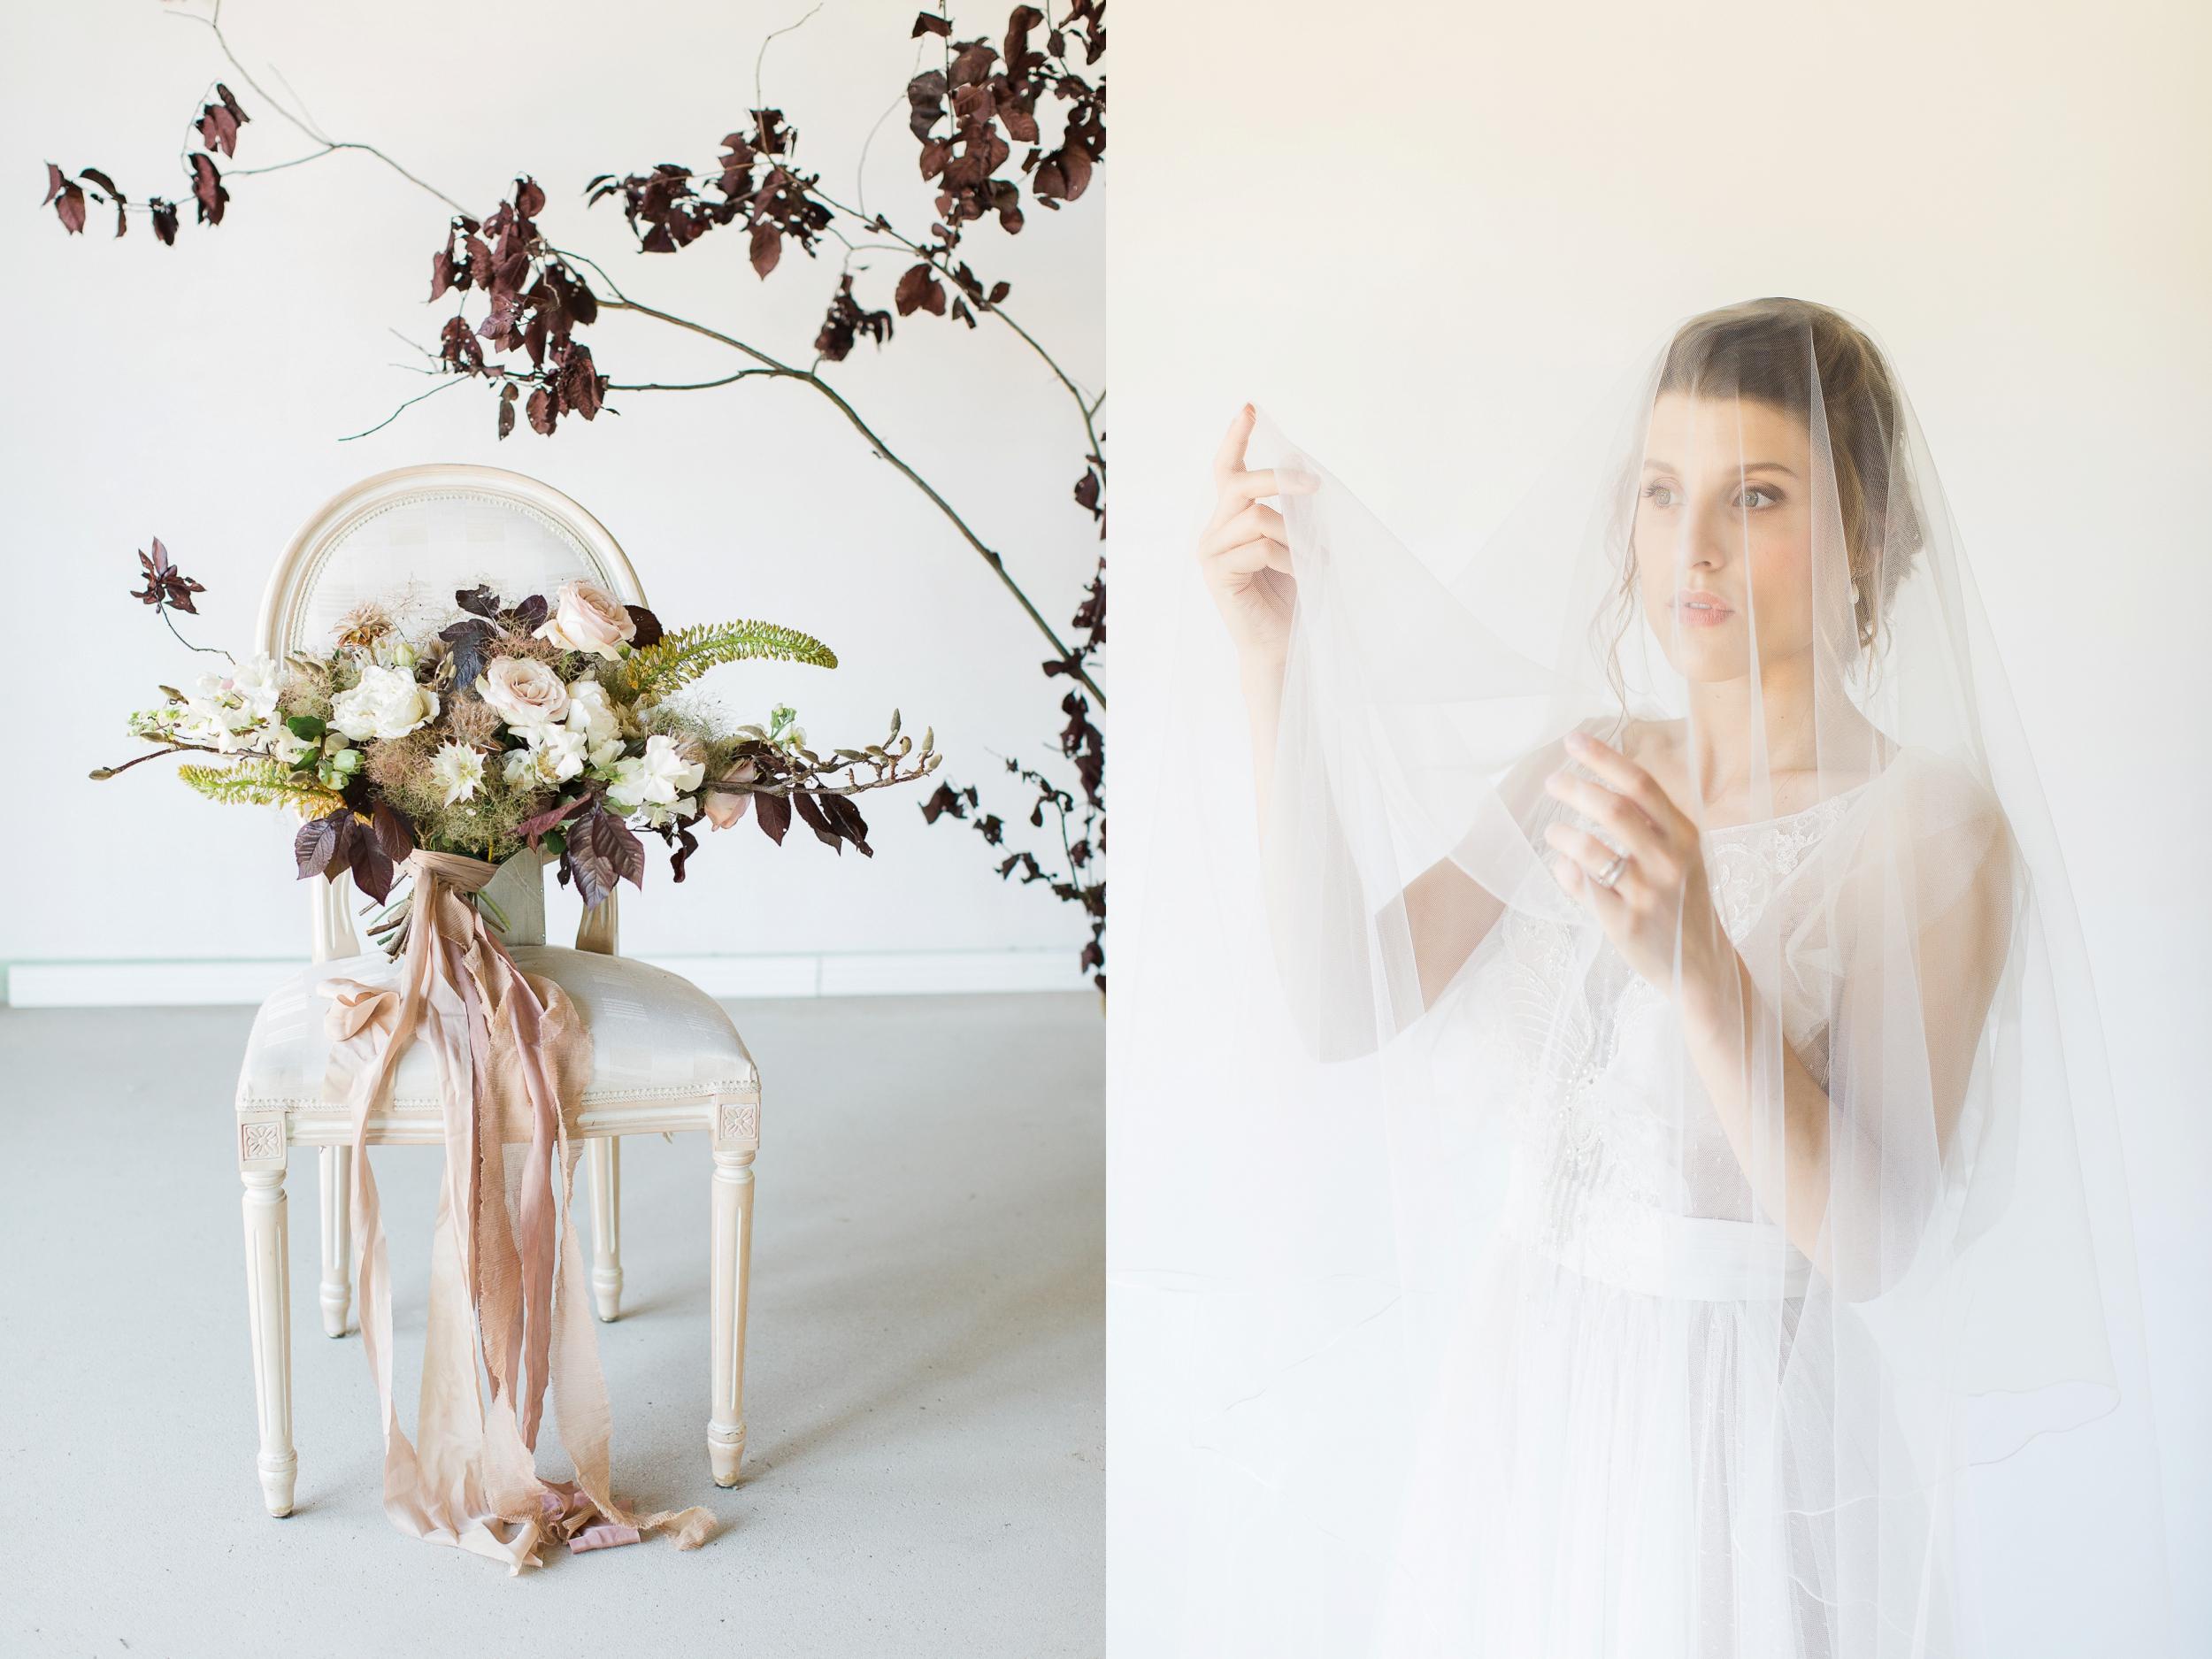 Studio Afterwedding shoot in Hennef with  Suesse poesie - Tanja Kibogo (23).JPG